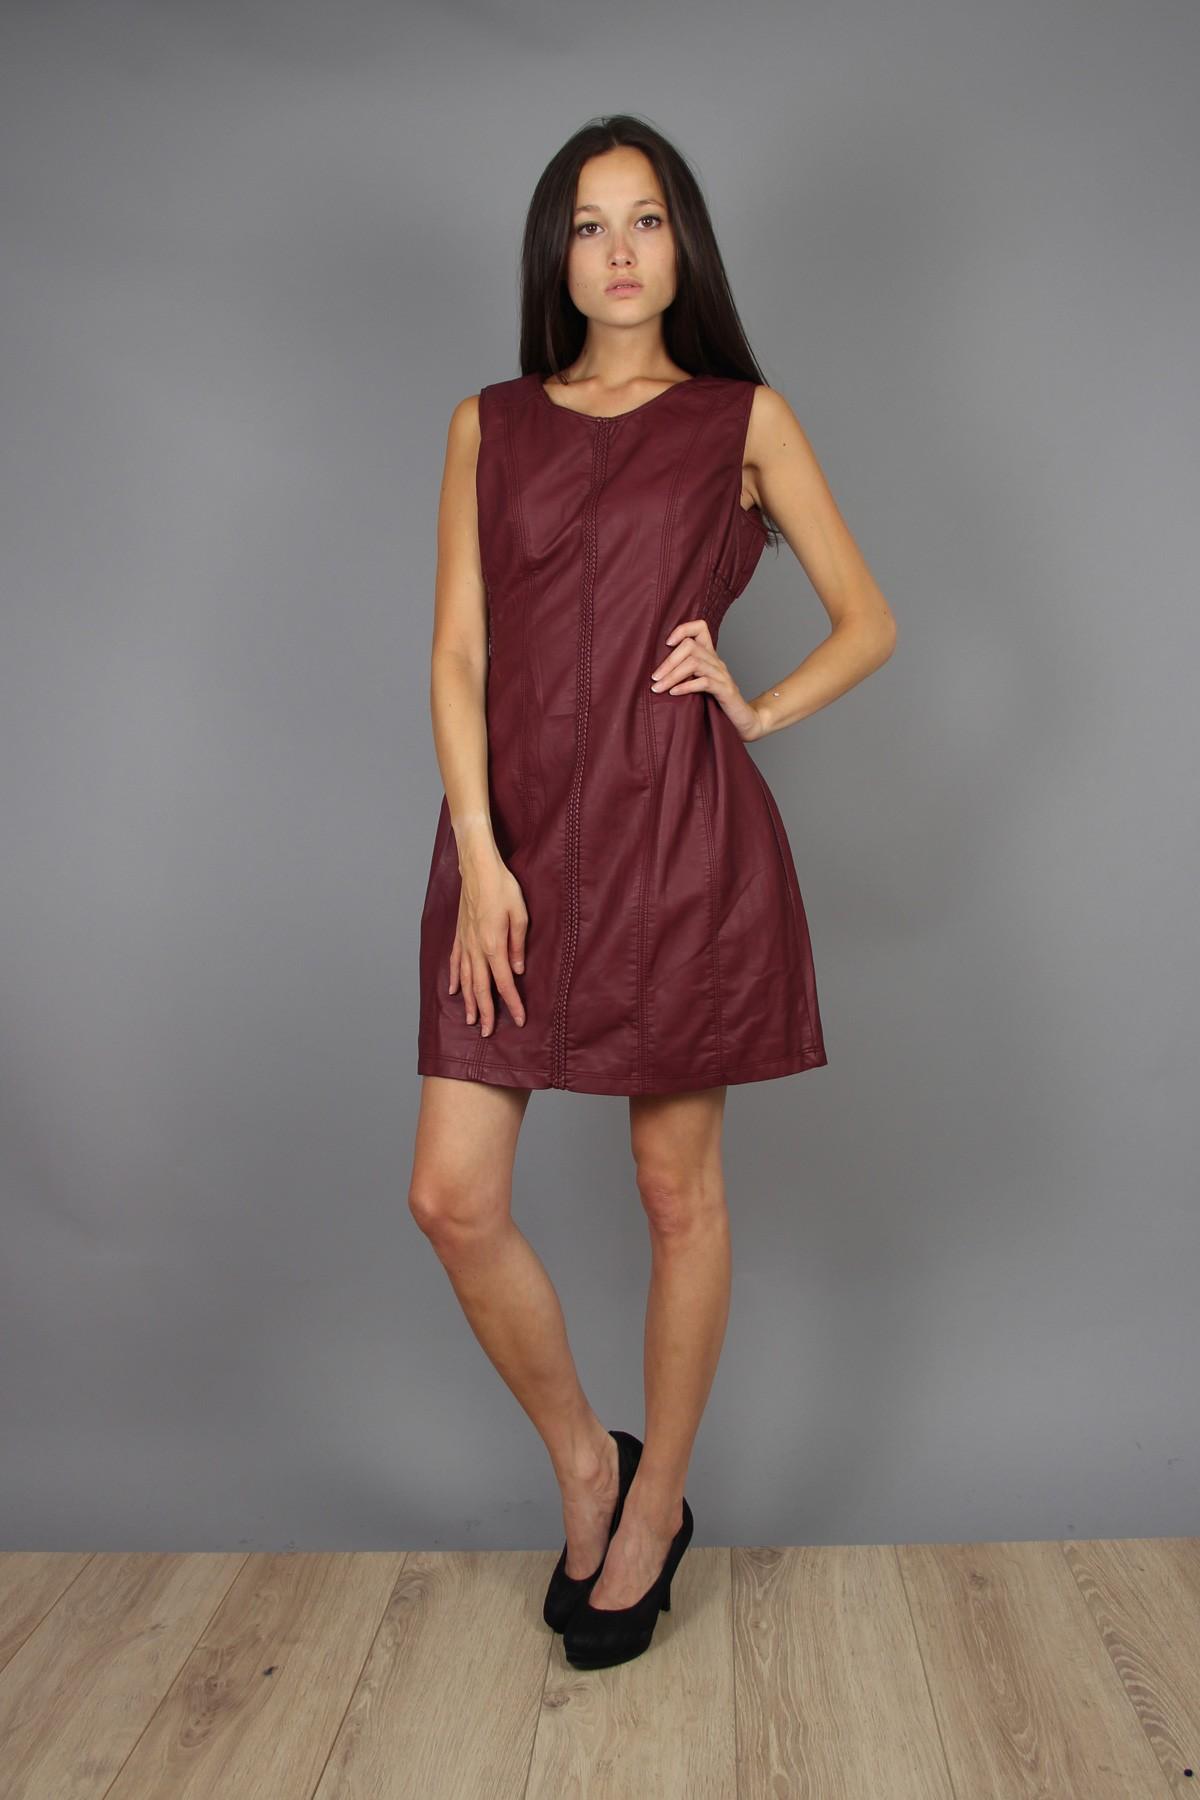 Robe femme grande taille évasée en simili cuir bordeaux